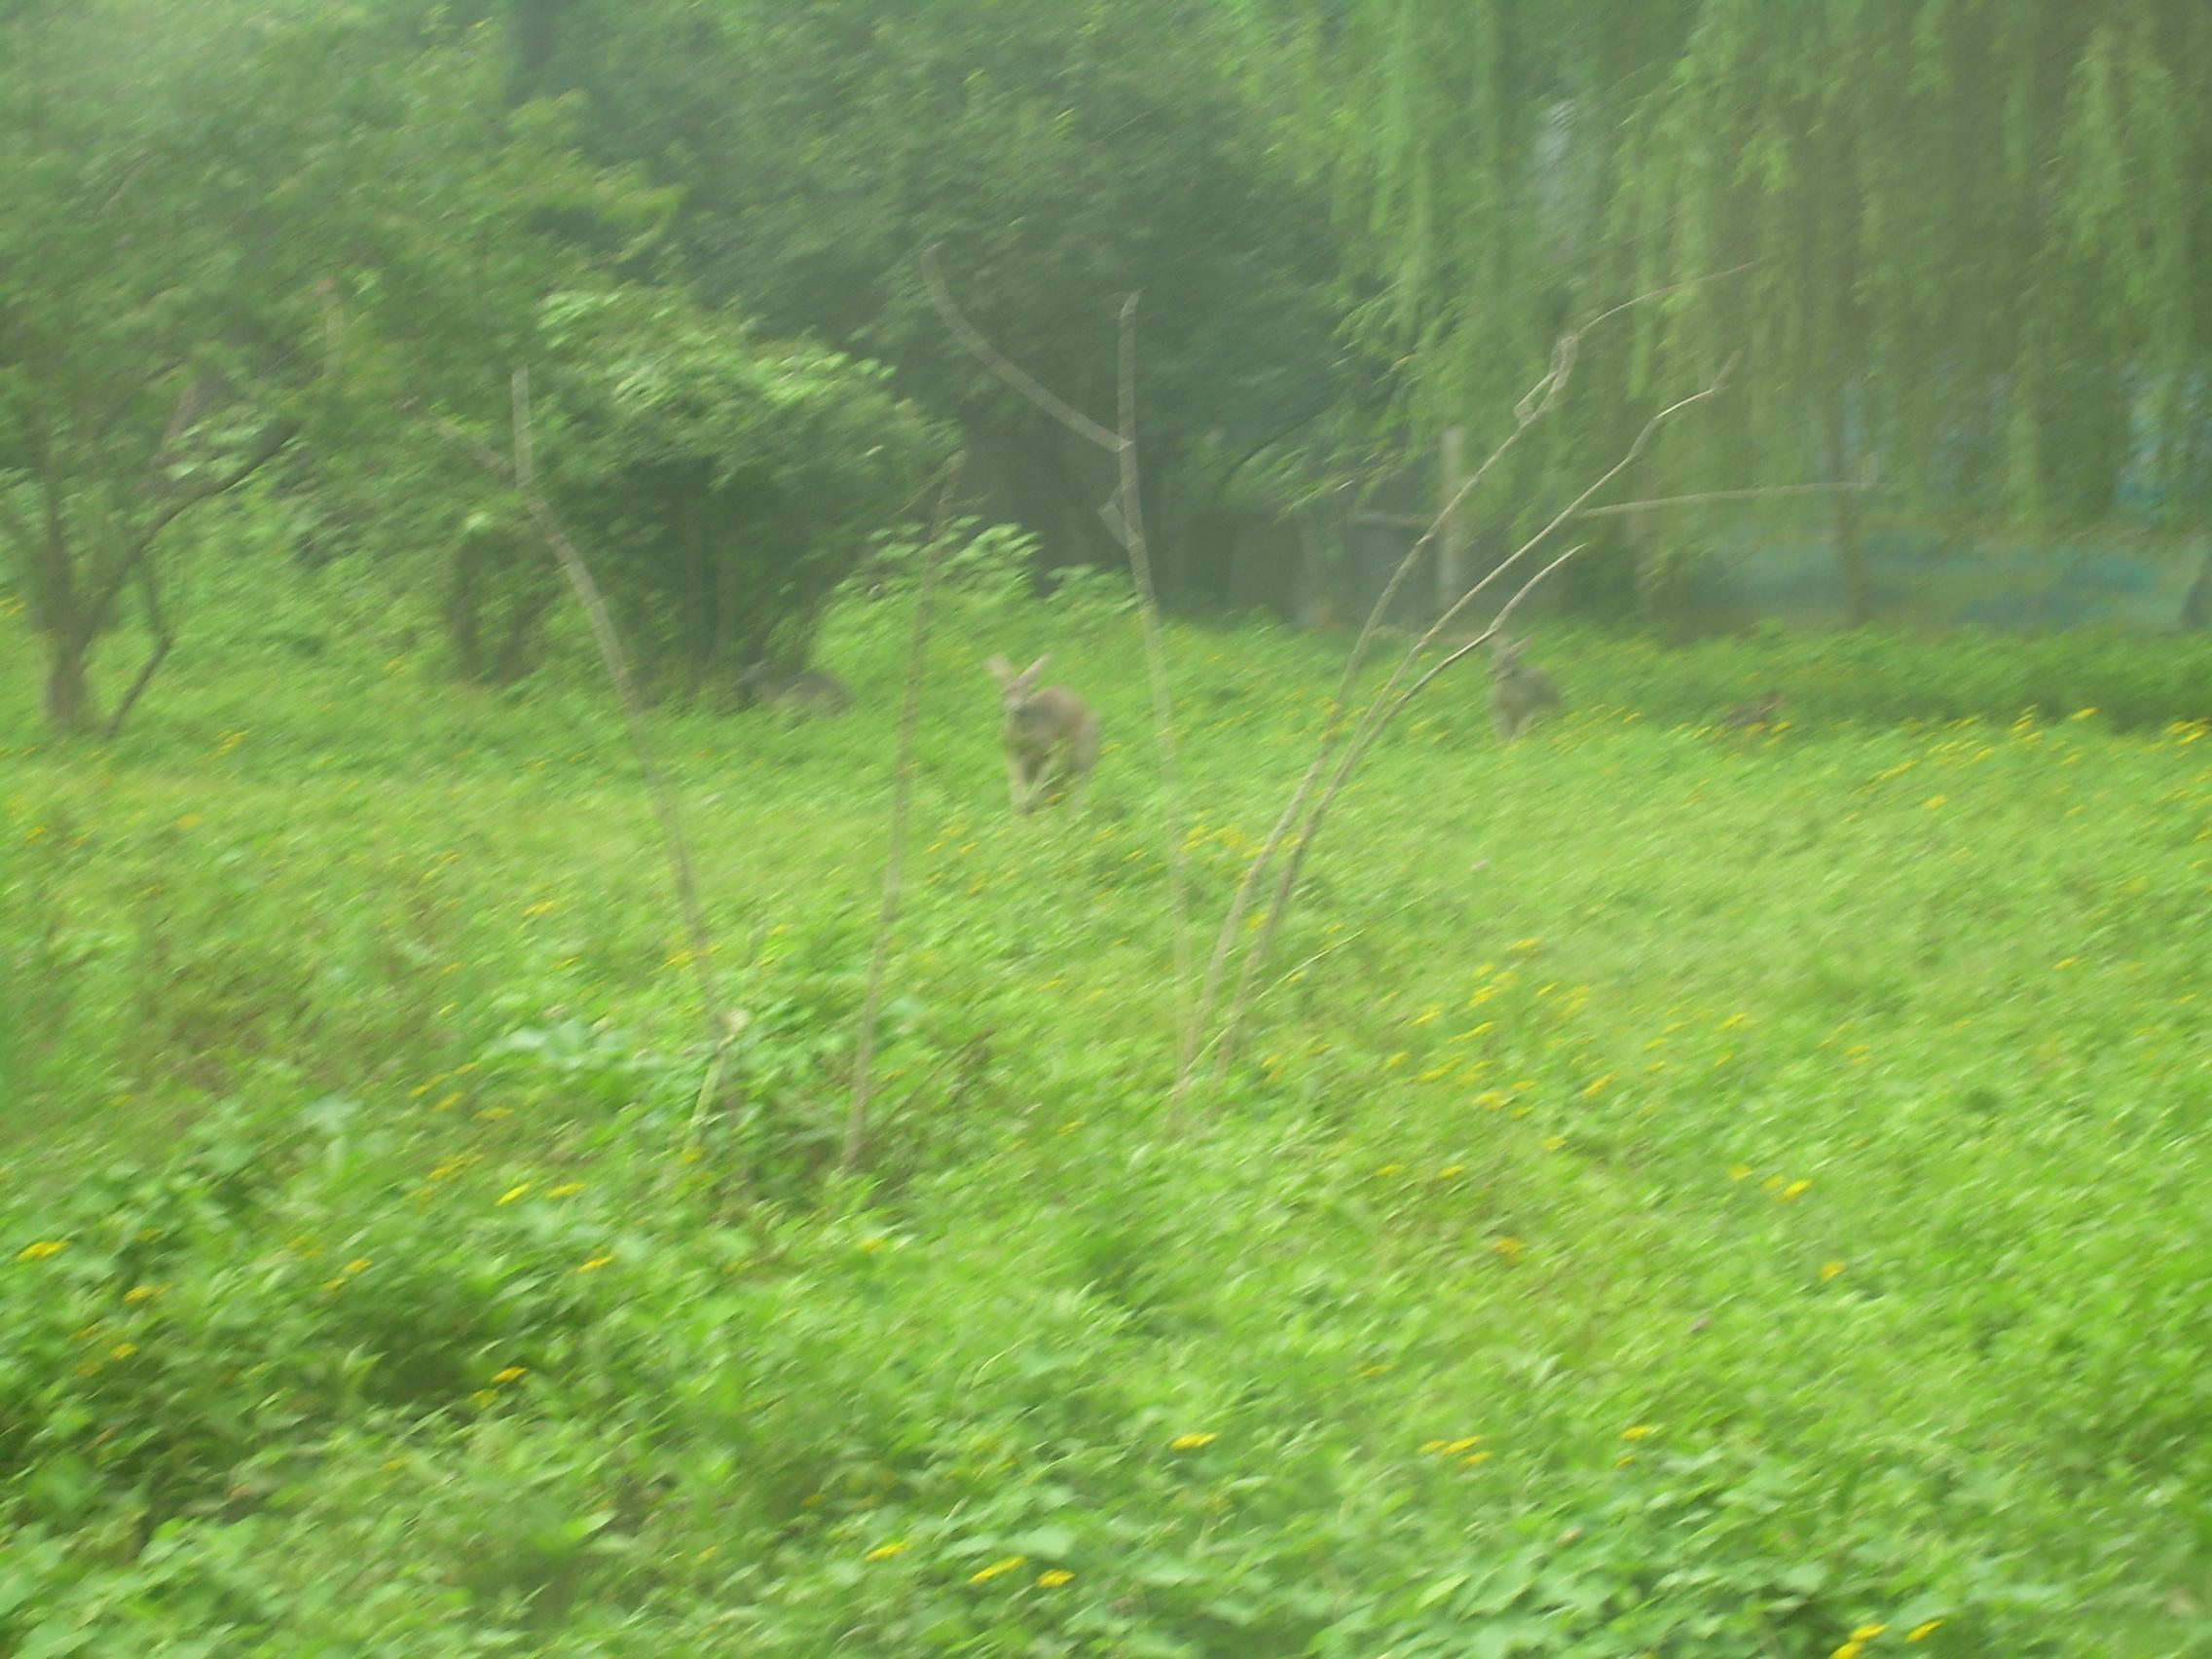 动物园里看风景 - 北京游记攻略【携程攻略】